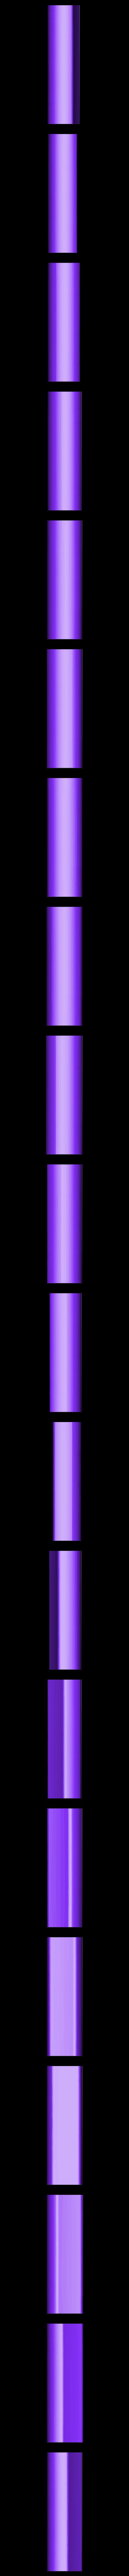 DeepDorsalArteryRight.stl Télécharger fichier STL Puzzle de la section tranchée du clitoris • Plan pour impression 3D, 3D_Maniac